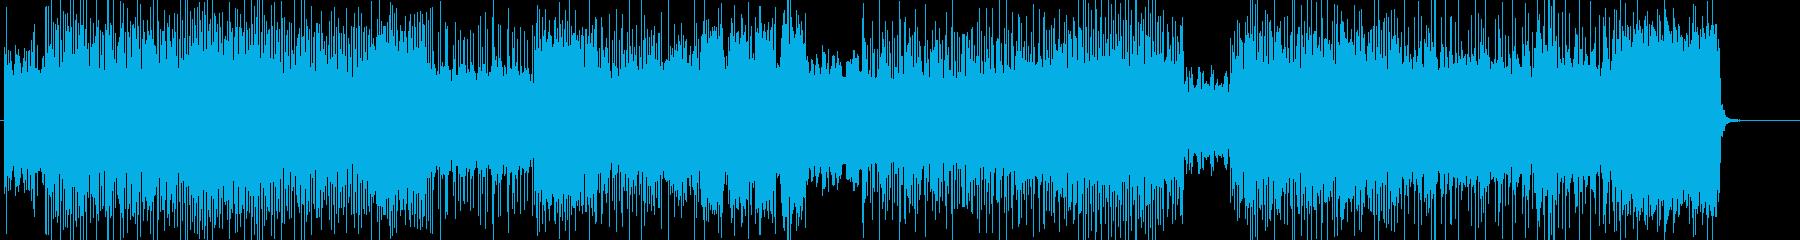 不気味なハードロック系の曲 BGM262の再生済みの波形